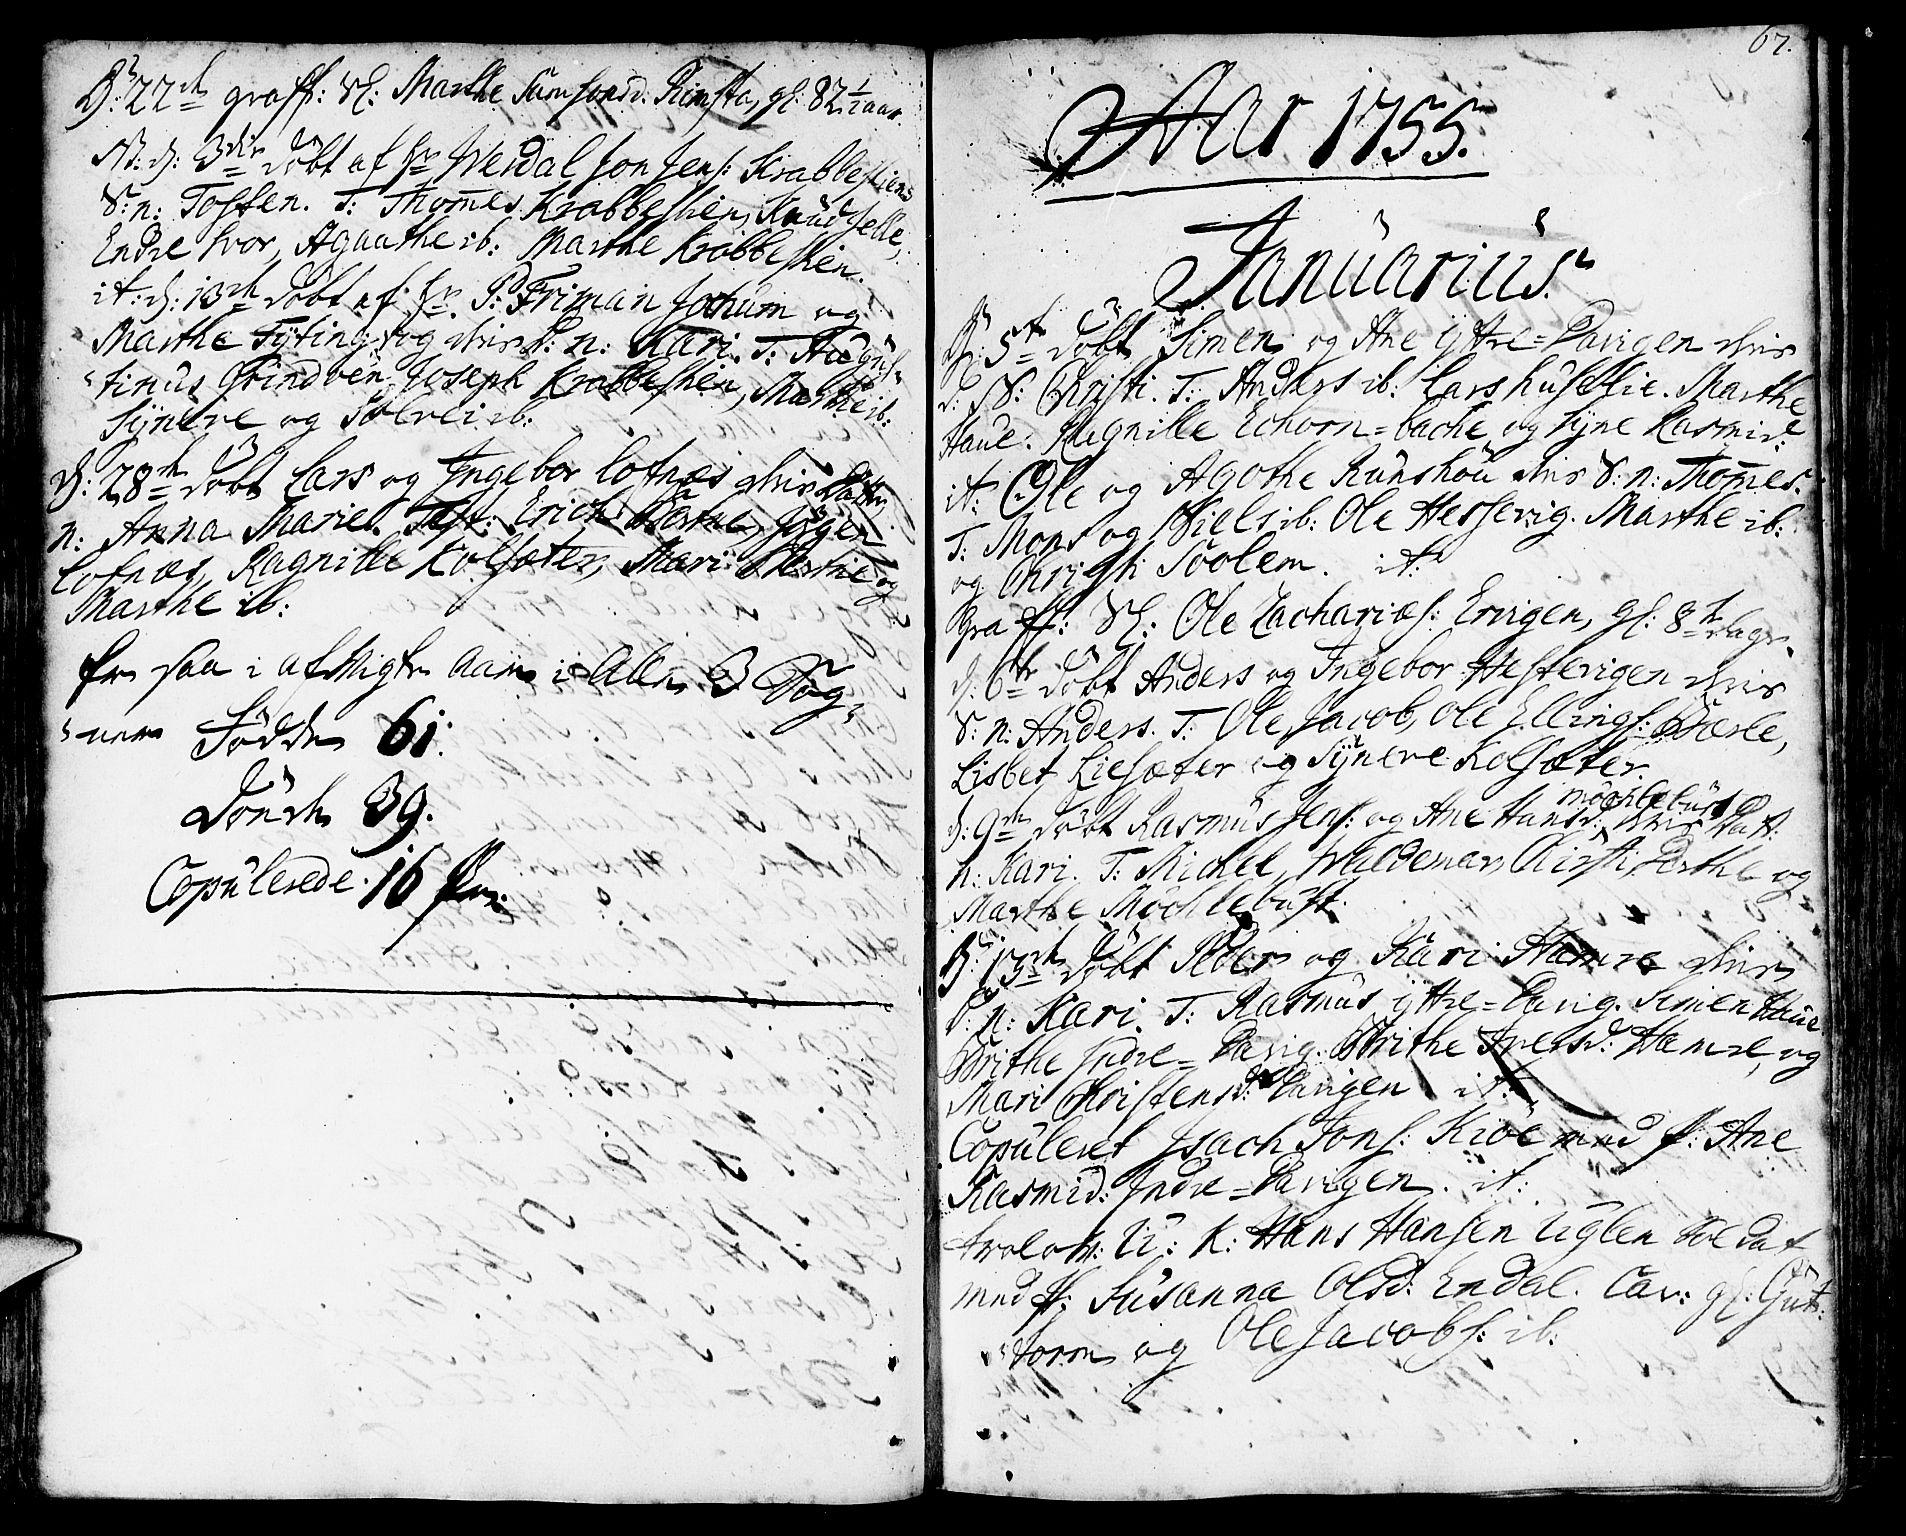 SAB, Davik sokneprestembete, Ministerialbok nr. A 2, 1742-1816, s. 67